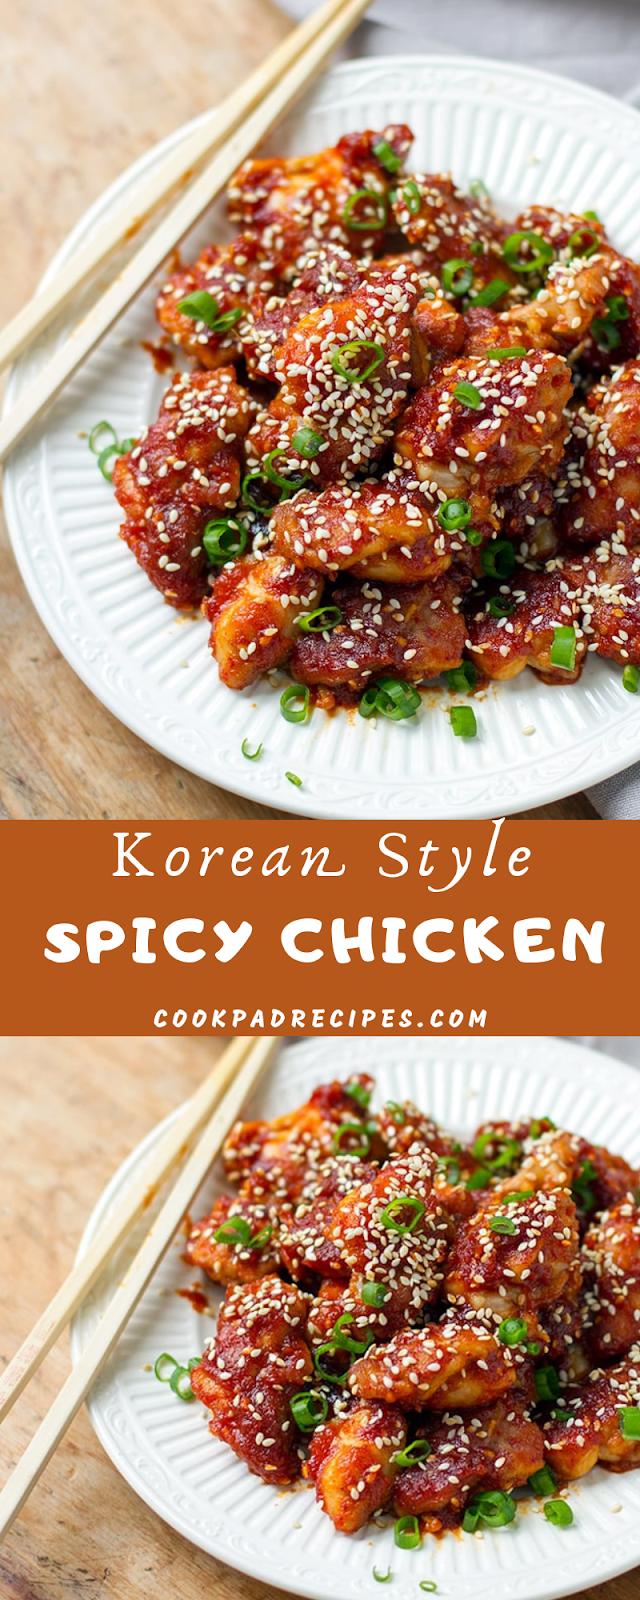 Korean Style Spicy Chicken (Paleo & GF)